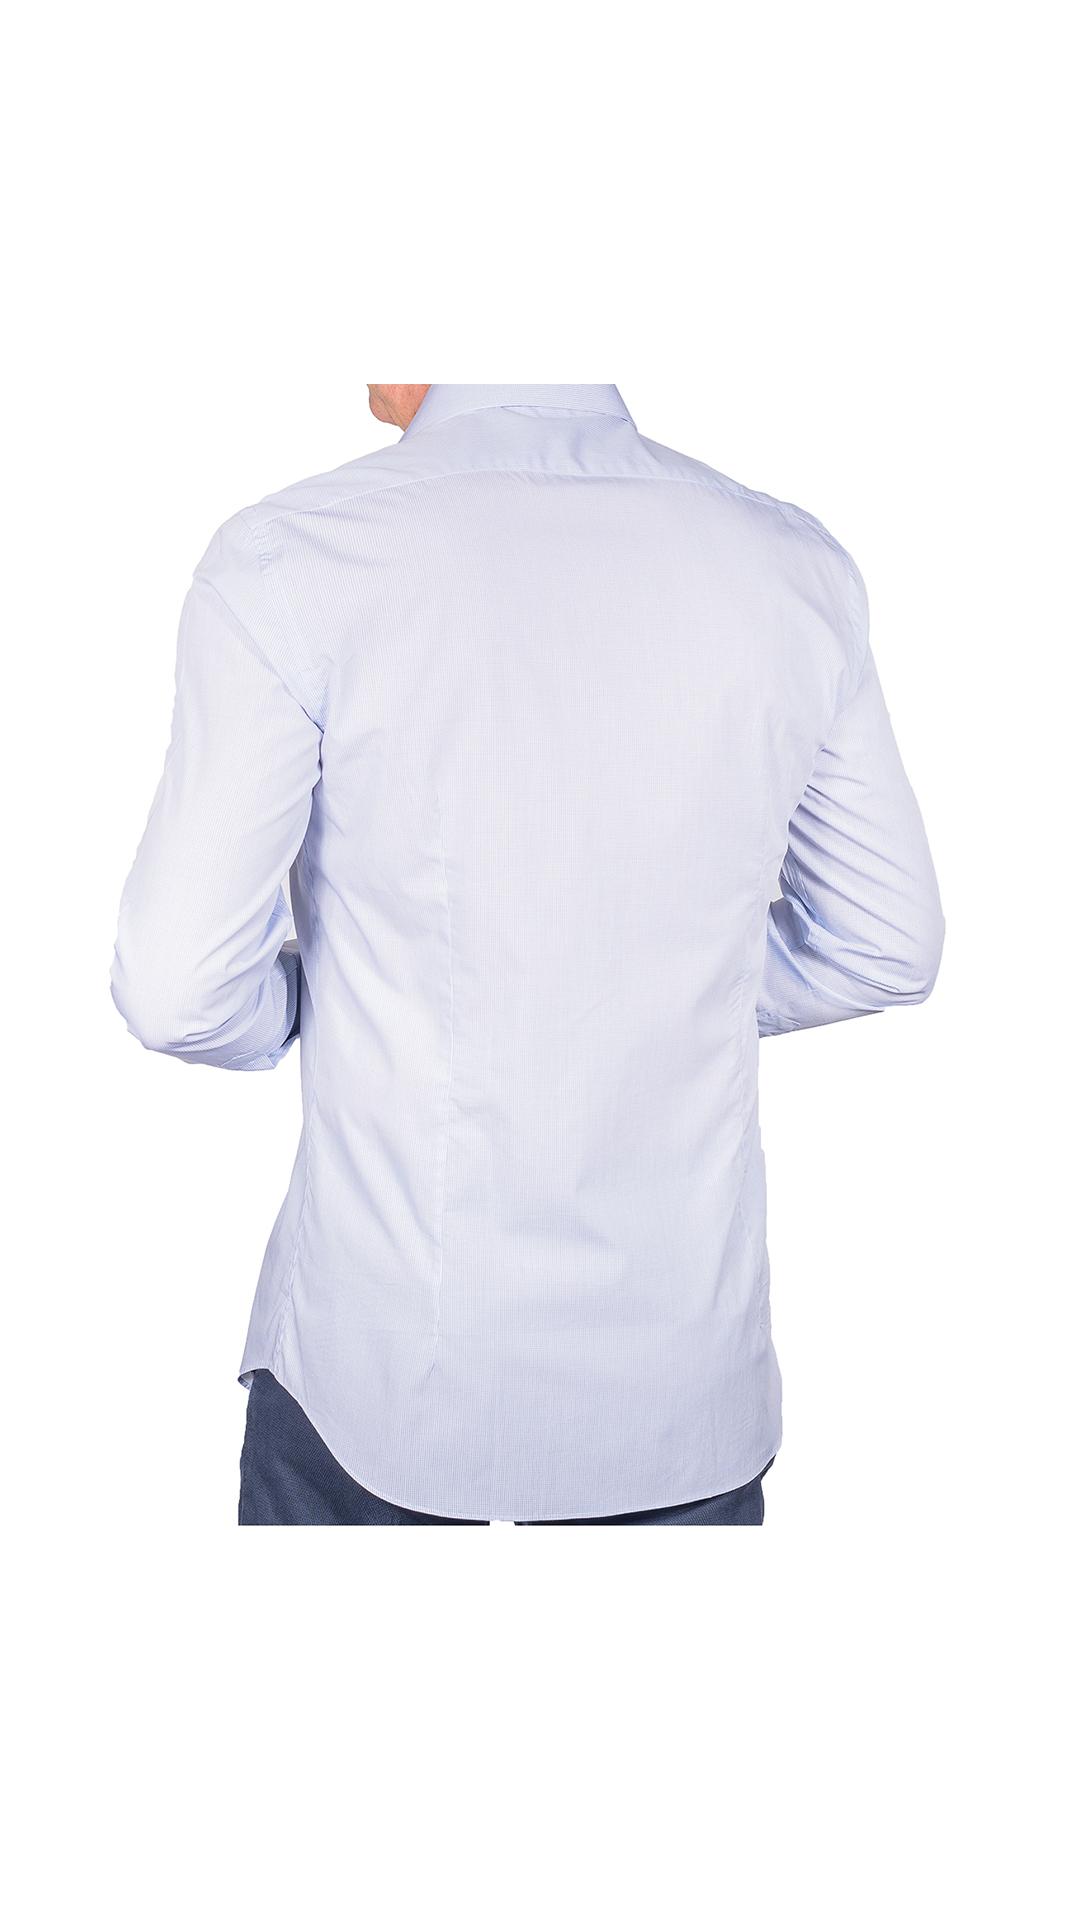 LUXURYJT0097 CAMICIA UOMO DOPPIO RITORTO MANICA LUNGA 2 1stAmerican camicia elegante da uomo in collo classico 100% cotone alta qualità doppio ritorto manica lunga – camicia sartoriale regular fit